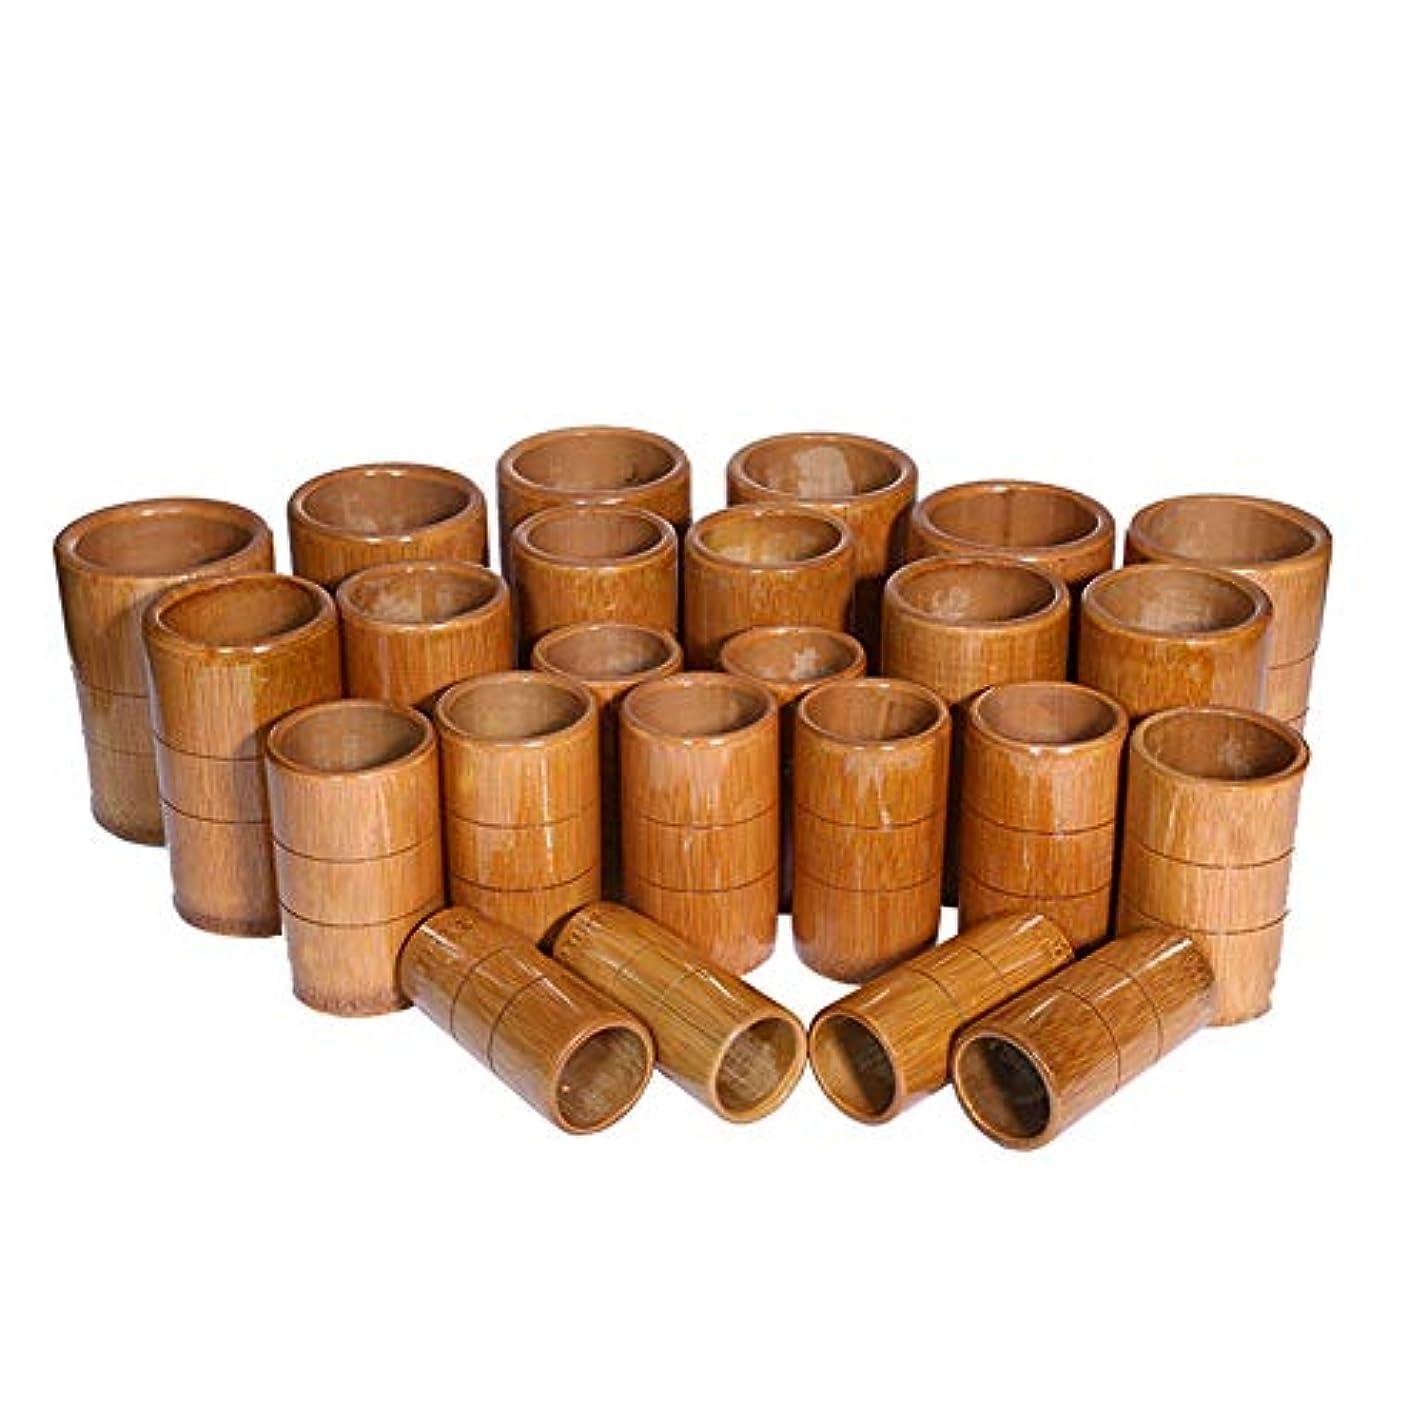 残高超越する個人マッサージバキュームカップキット - カッピング竹療法セット - 炭缶鍼治療ボディ医療吸引セット,A10pcs